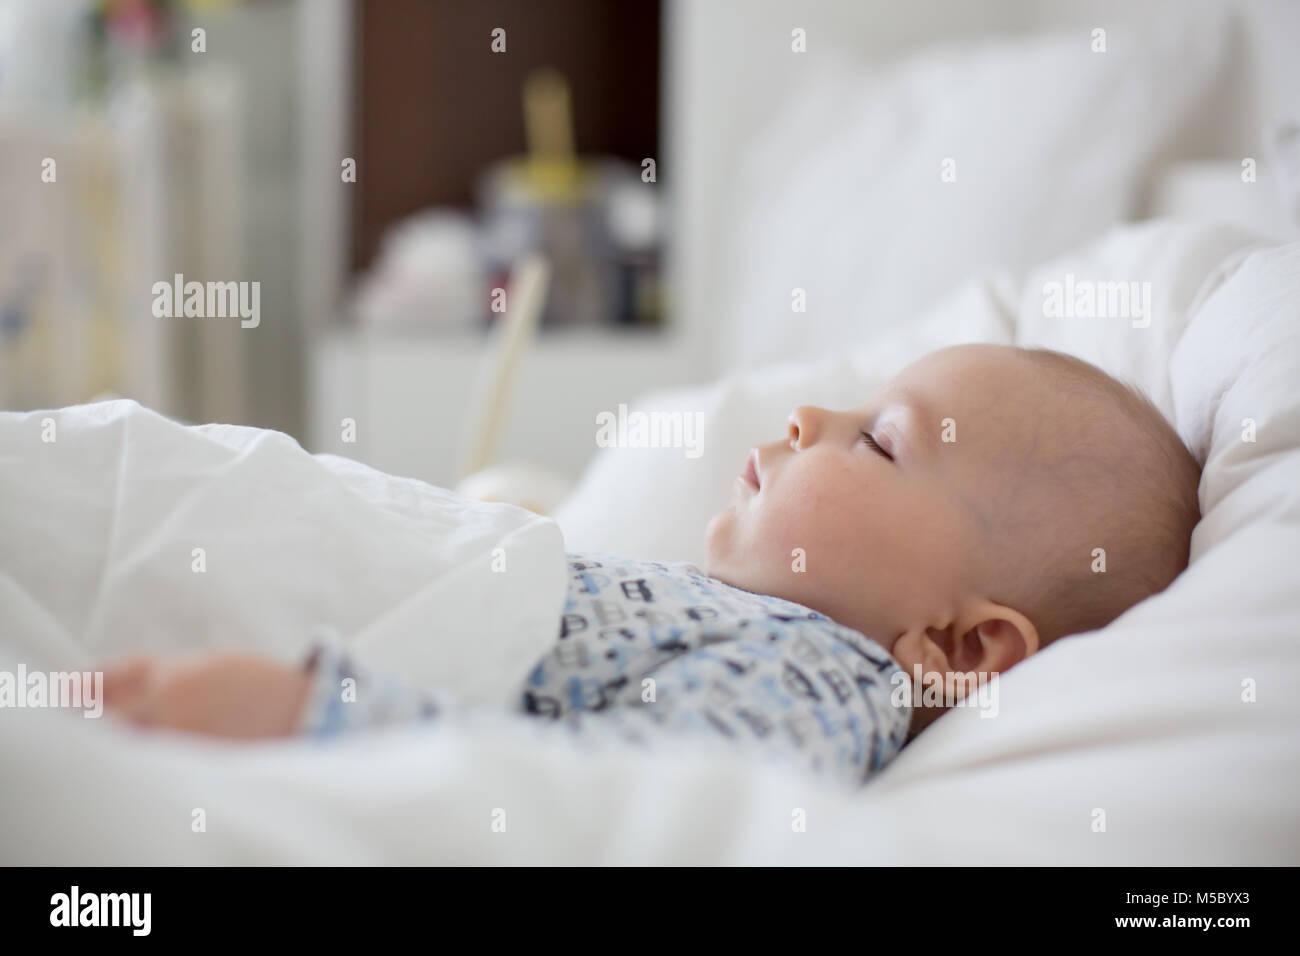 Enfermos, Bab chidl niño acostado en la cama con fiebre, descansando en casa Foto de stock